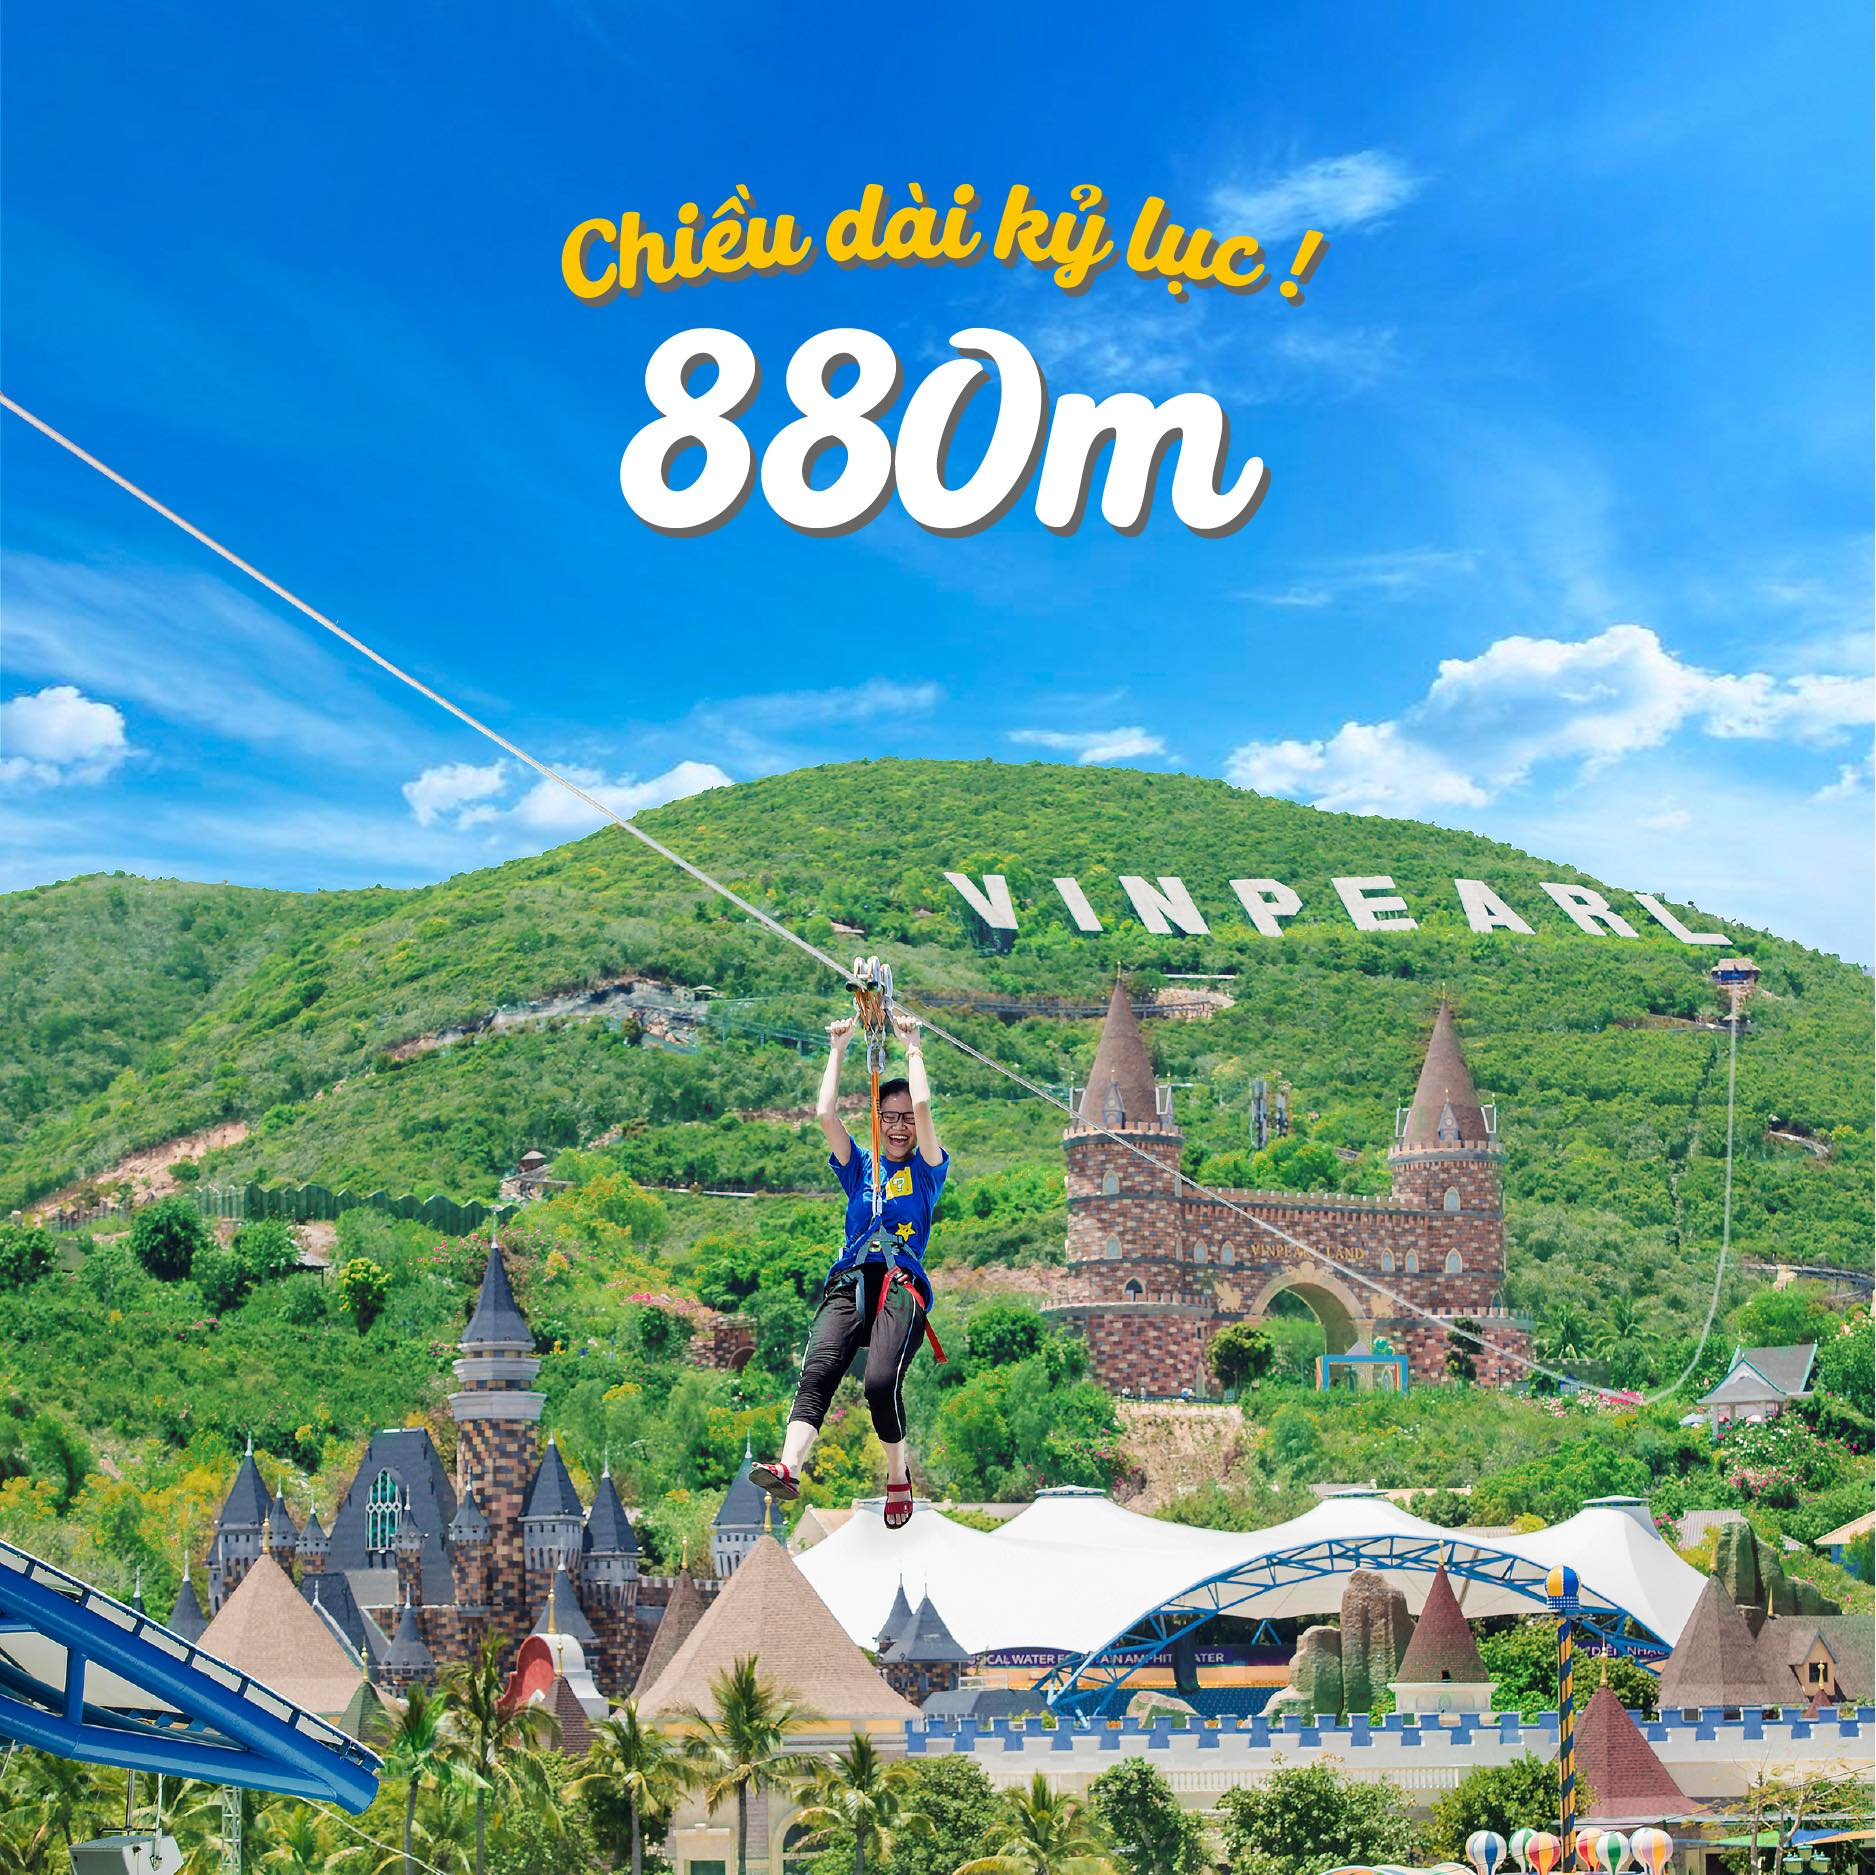 Cập nhật giá vé vào cổng Vinpearl Land Nha Trang: Khuyến mại cực đã trong dịp hè này  - Ảnh 4.